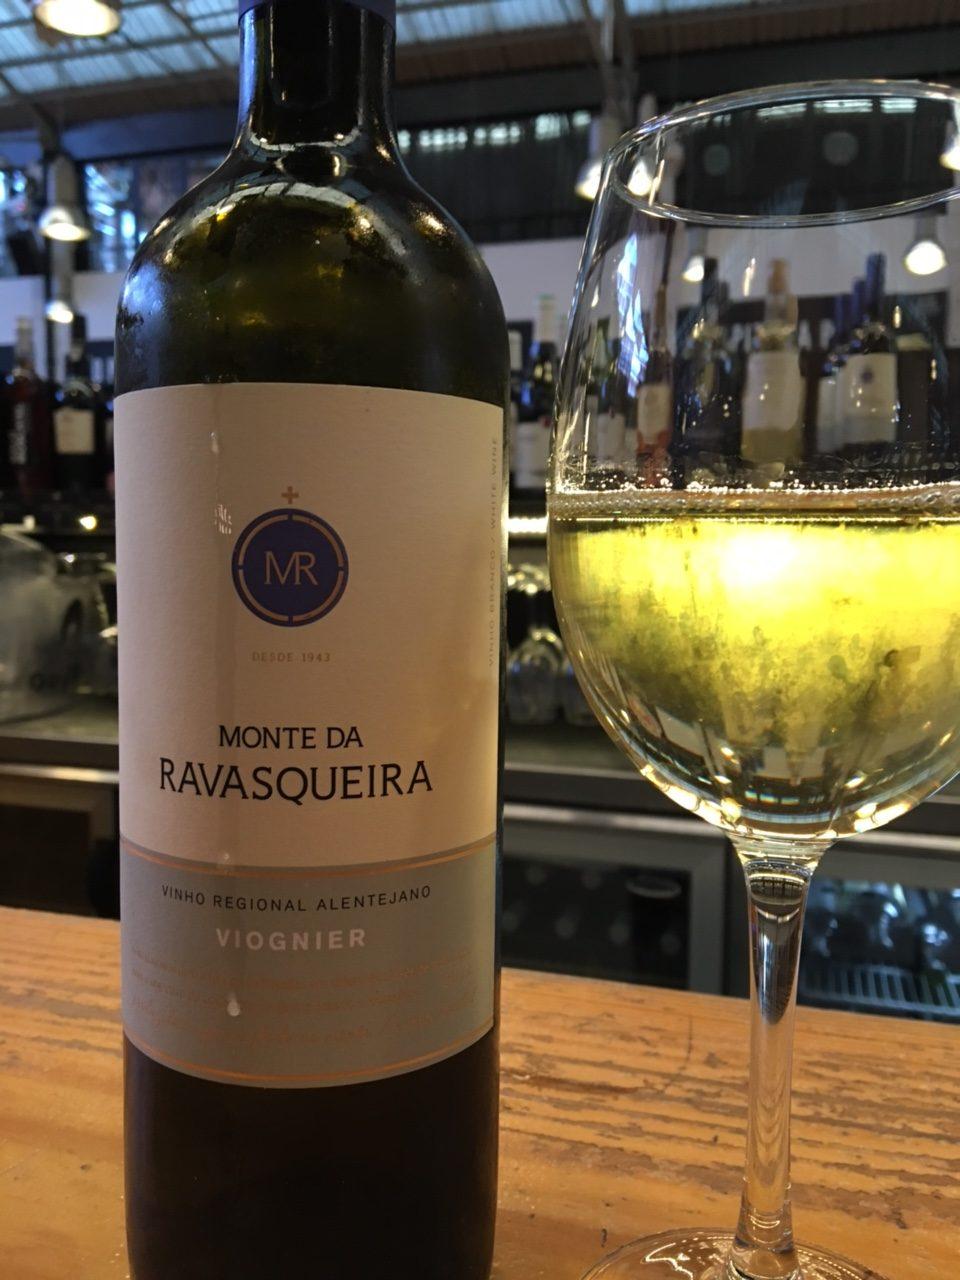 Monte da Ravasqueira Wine Alentejano from Portugal